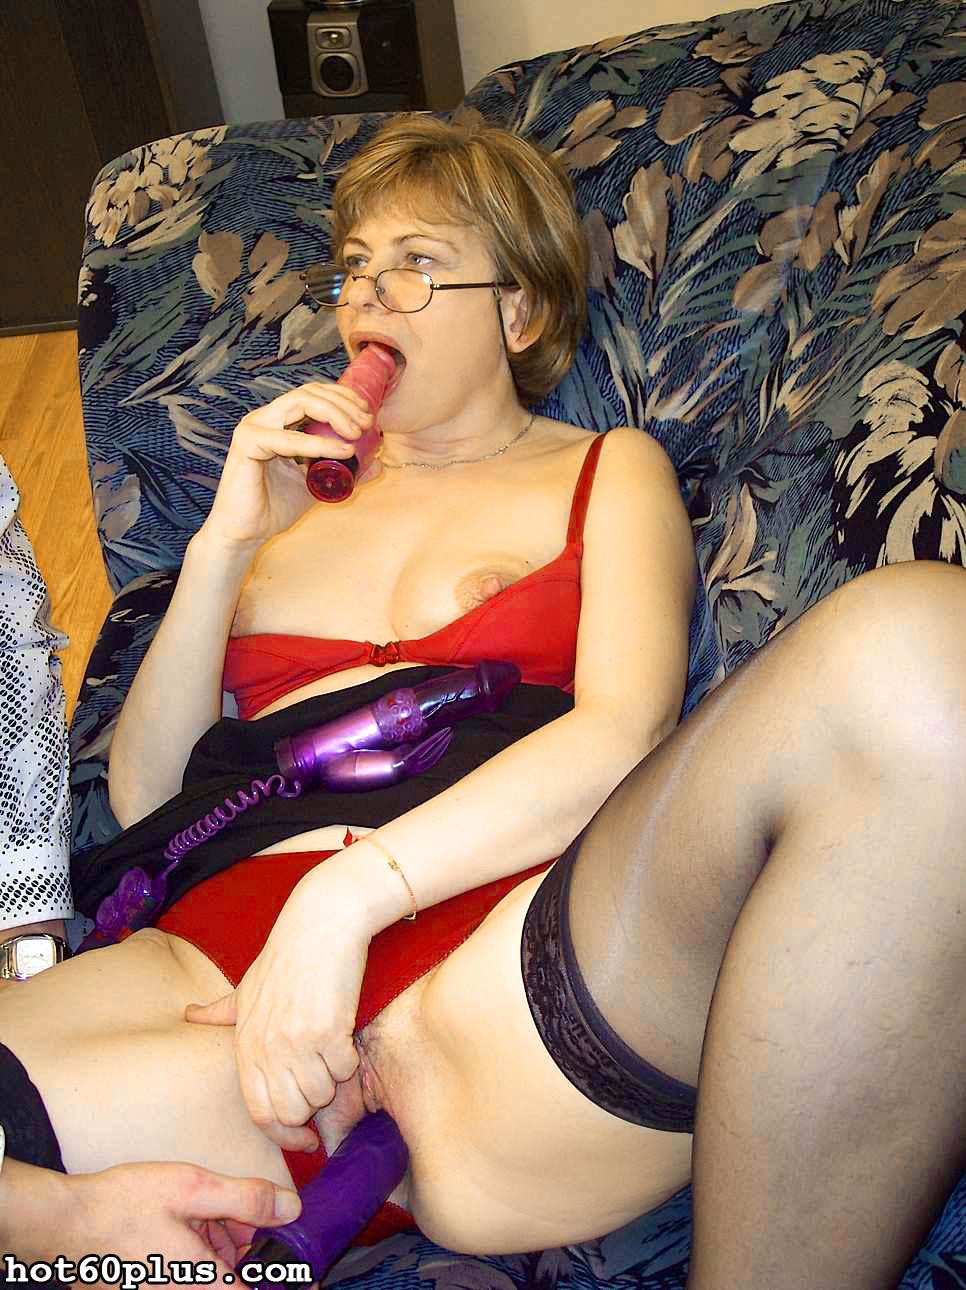 ХХХ фотки про трах с мамой на диване. Фото - 13